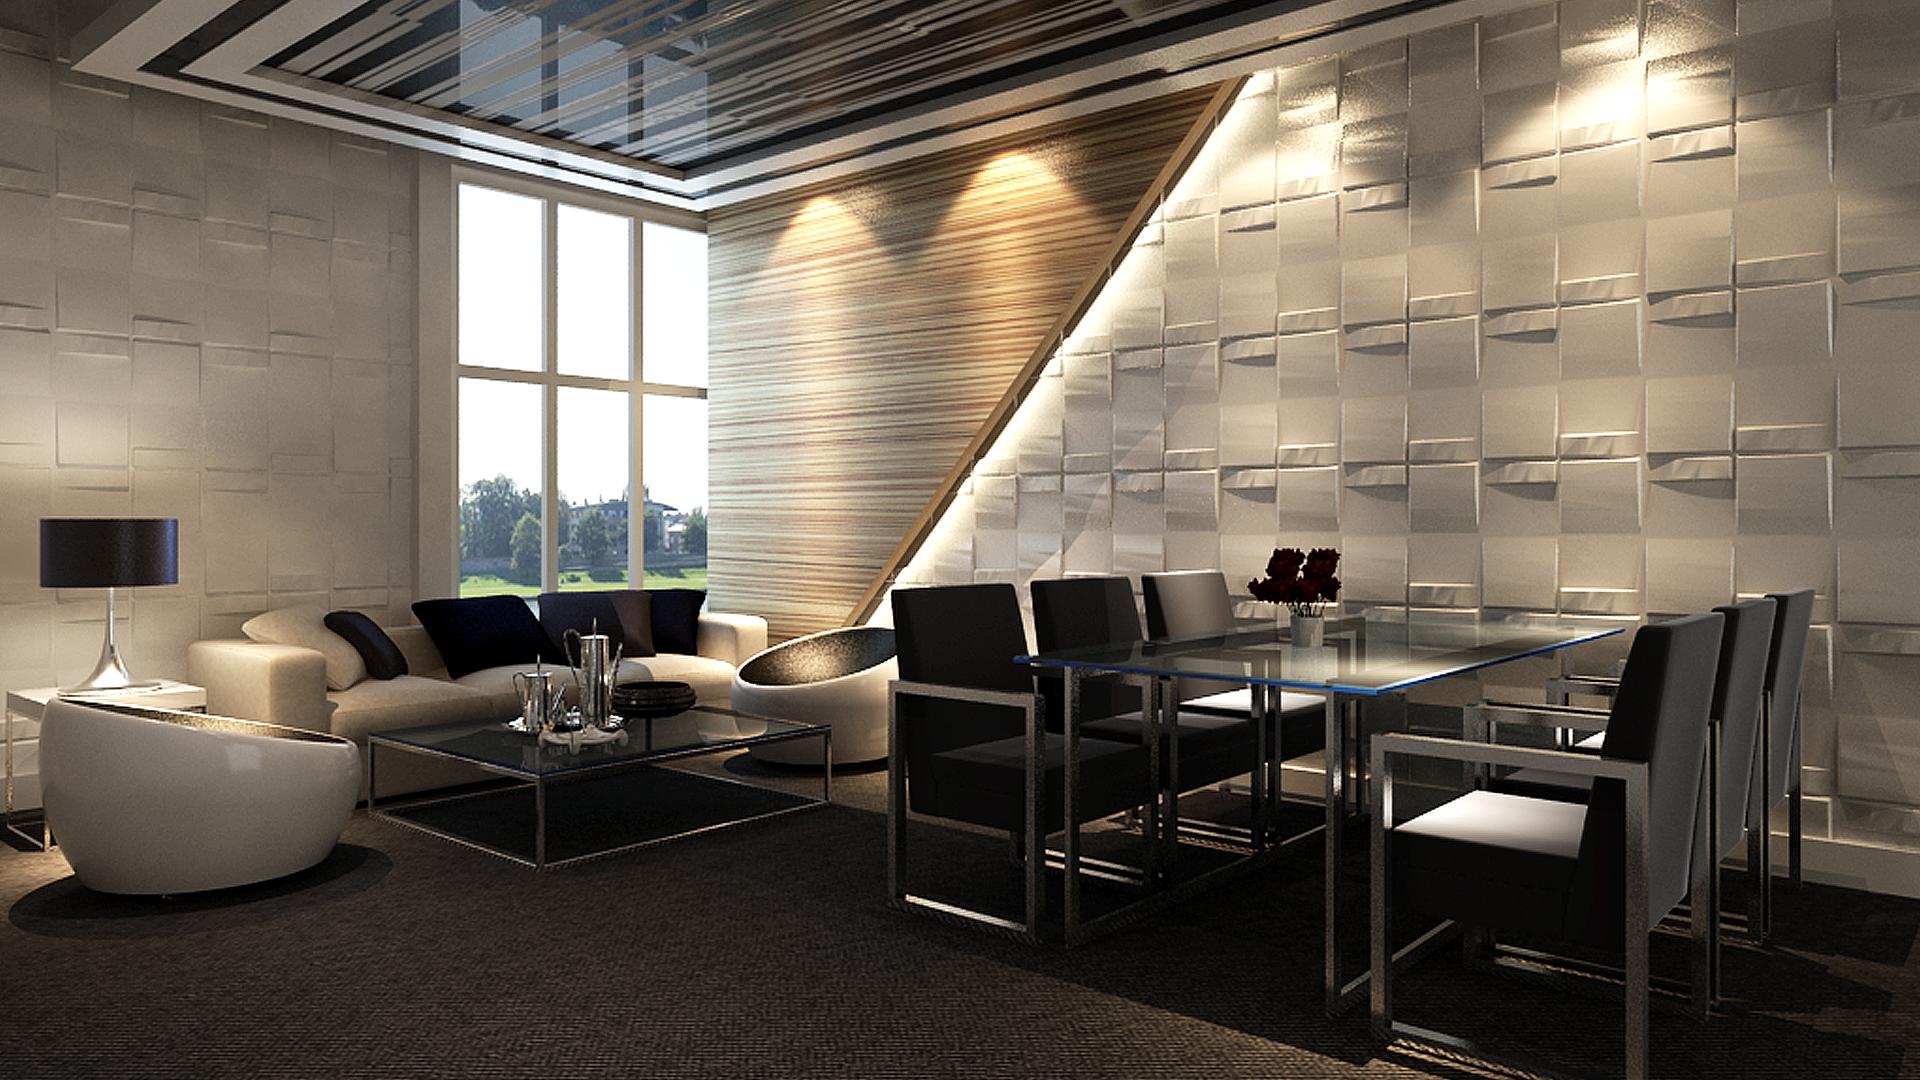 Wohnzimmer • 3D Wandpaneele | Deckenpaneele | Wandverkleidung aus Bambus